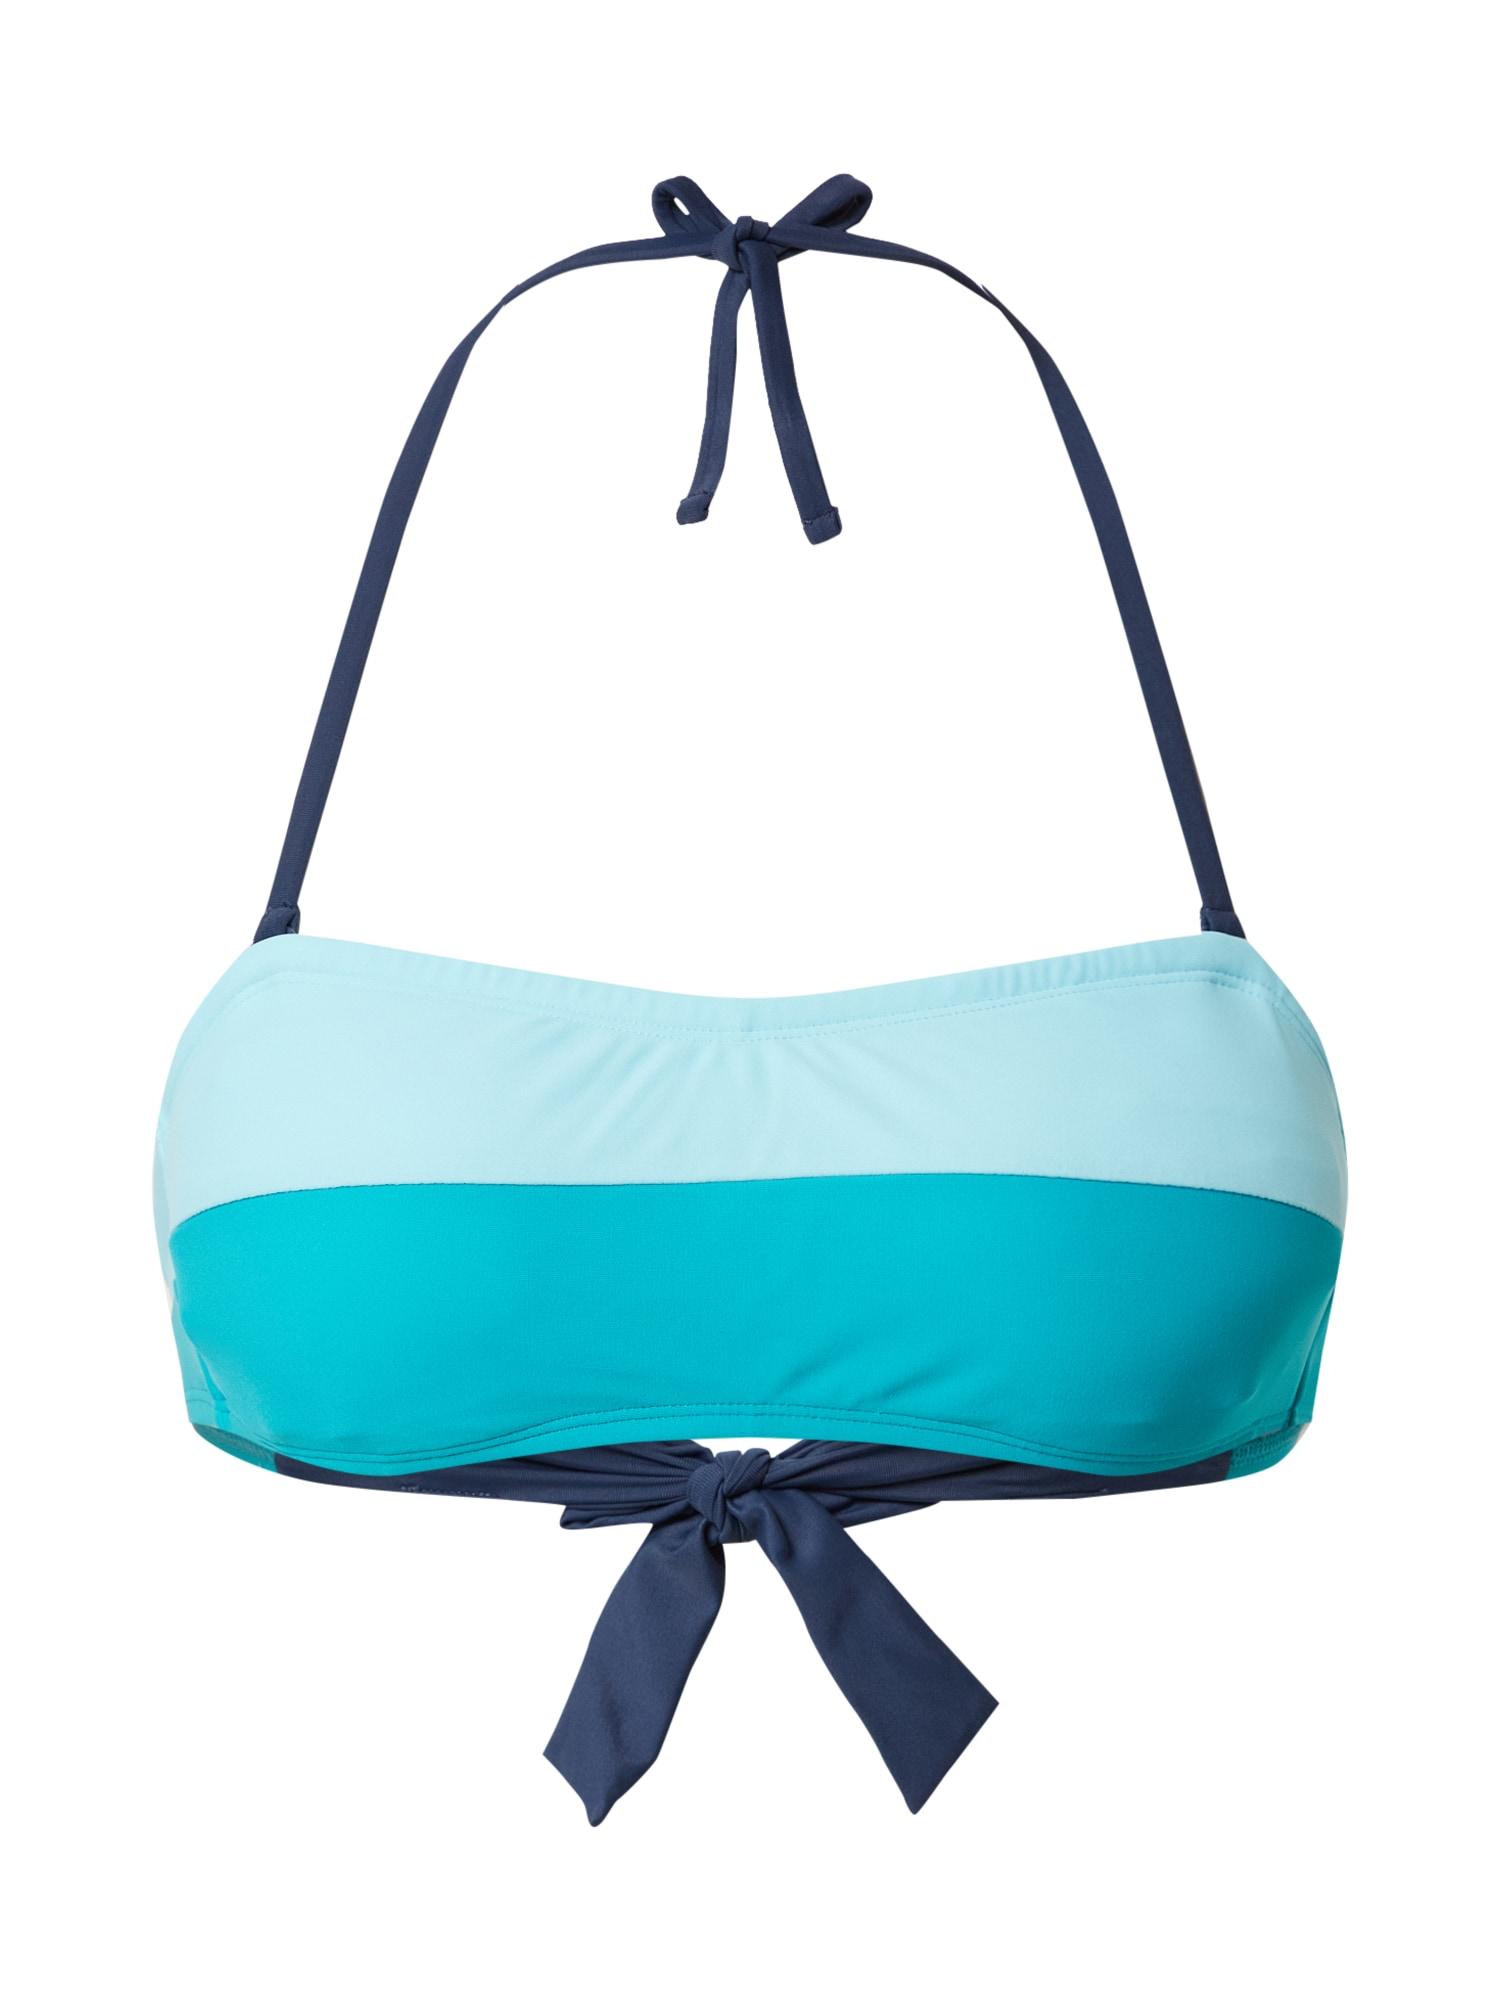 ESPRIT Bikinio viršutinė dalis